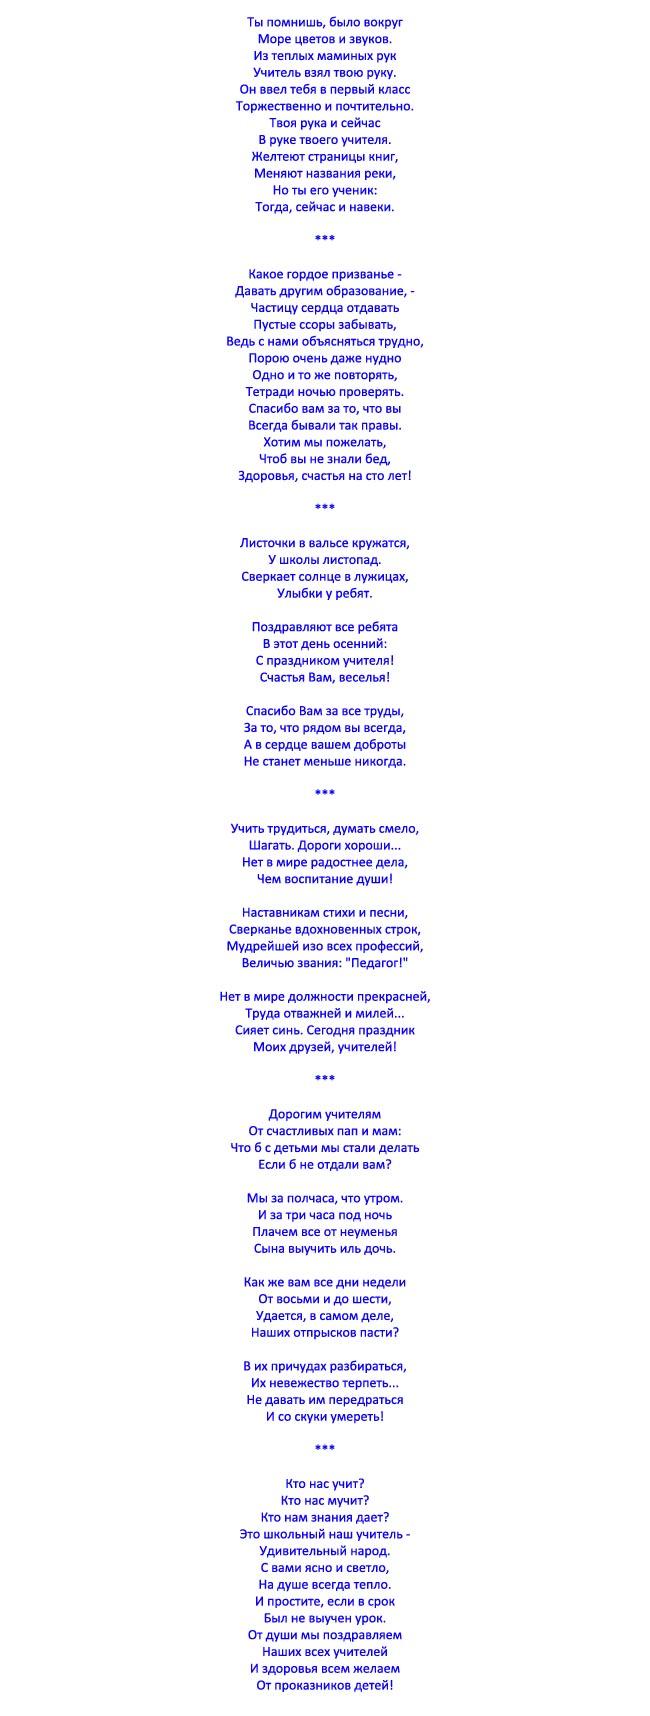 Стихи на день учителя длинные и красивые. Новые стихи на праздник